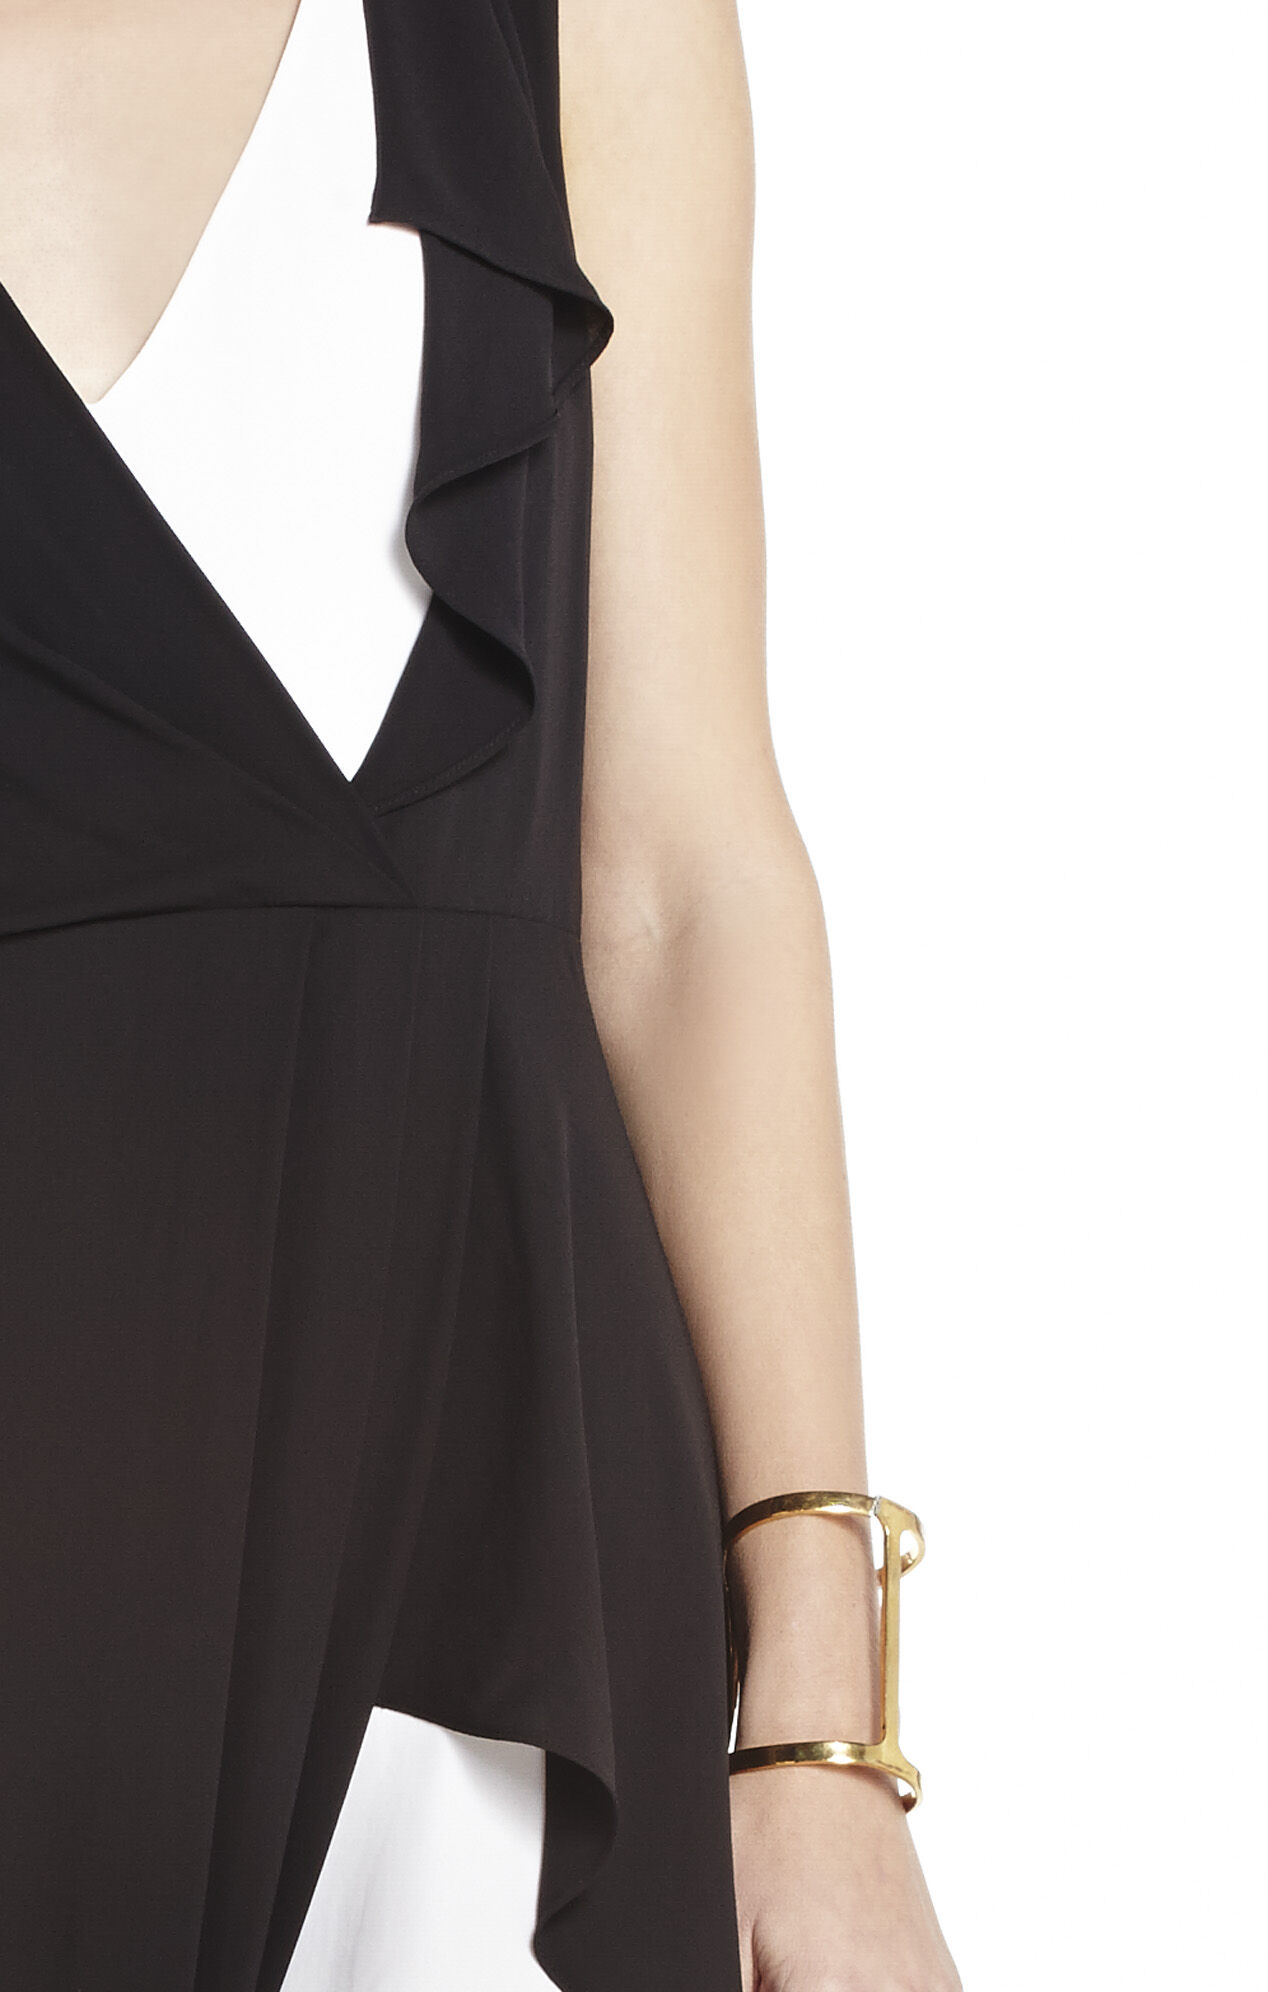 Yuliana V-Neck Evening Dress